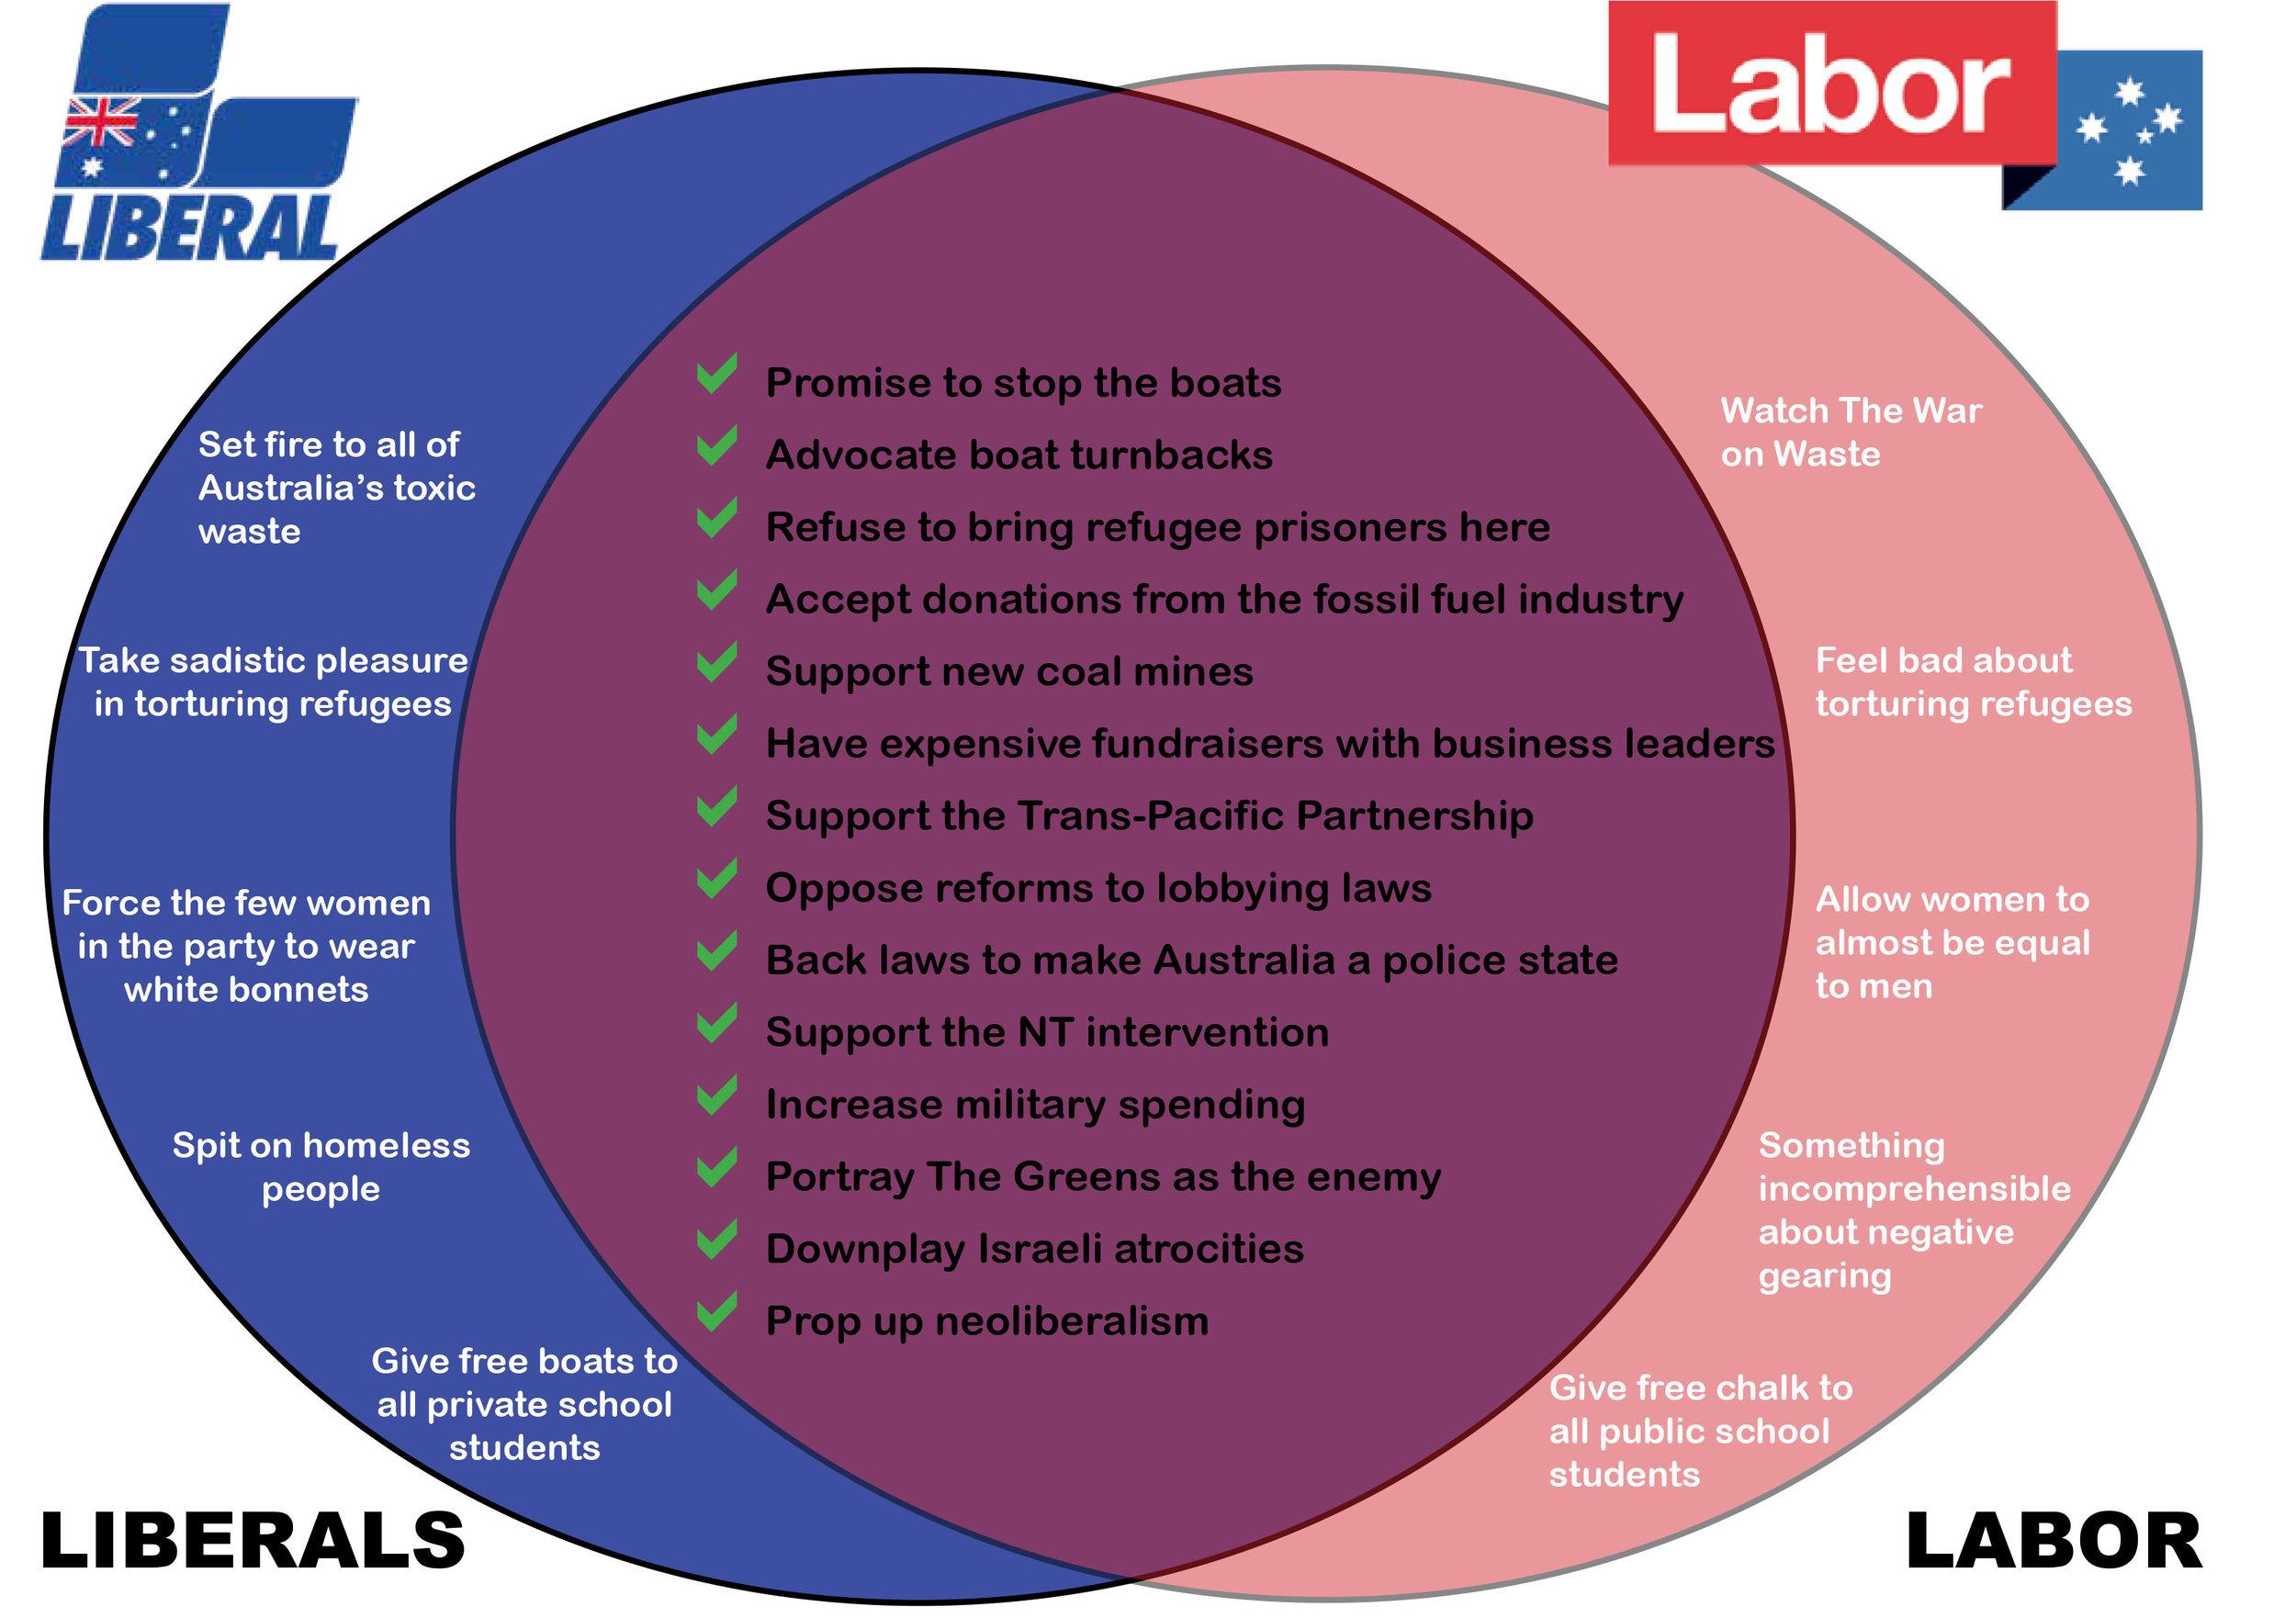 Lib-Labor-VENN-1.jpg